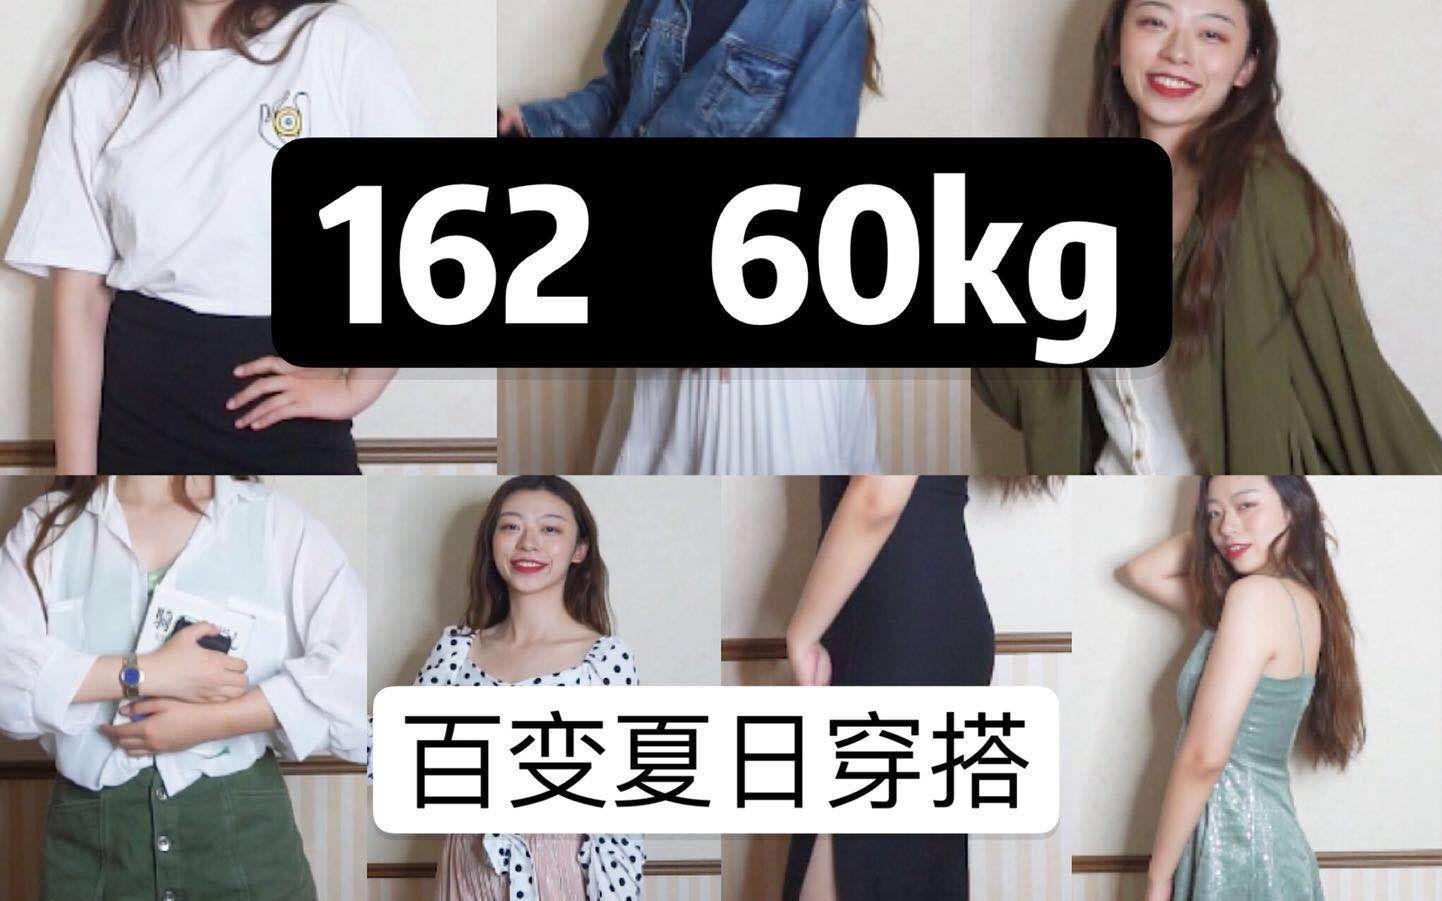 Kg 160 cm 女 60 服装尺码换算参照表